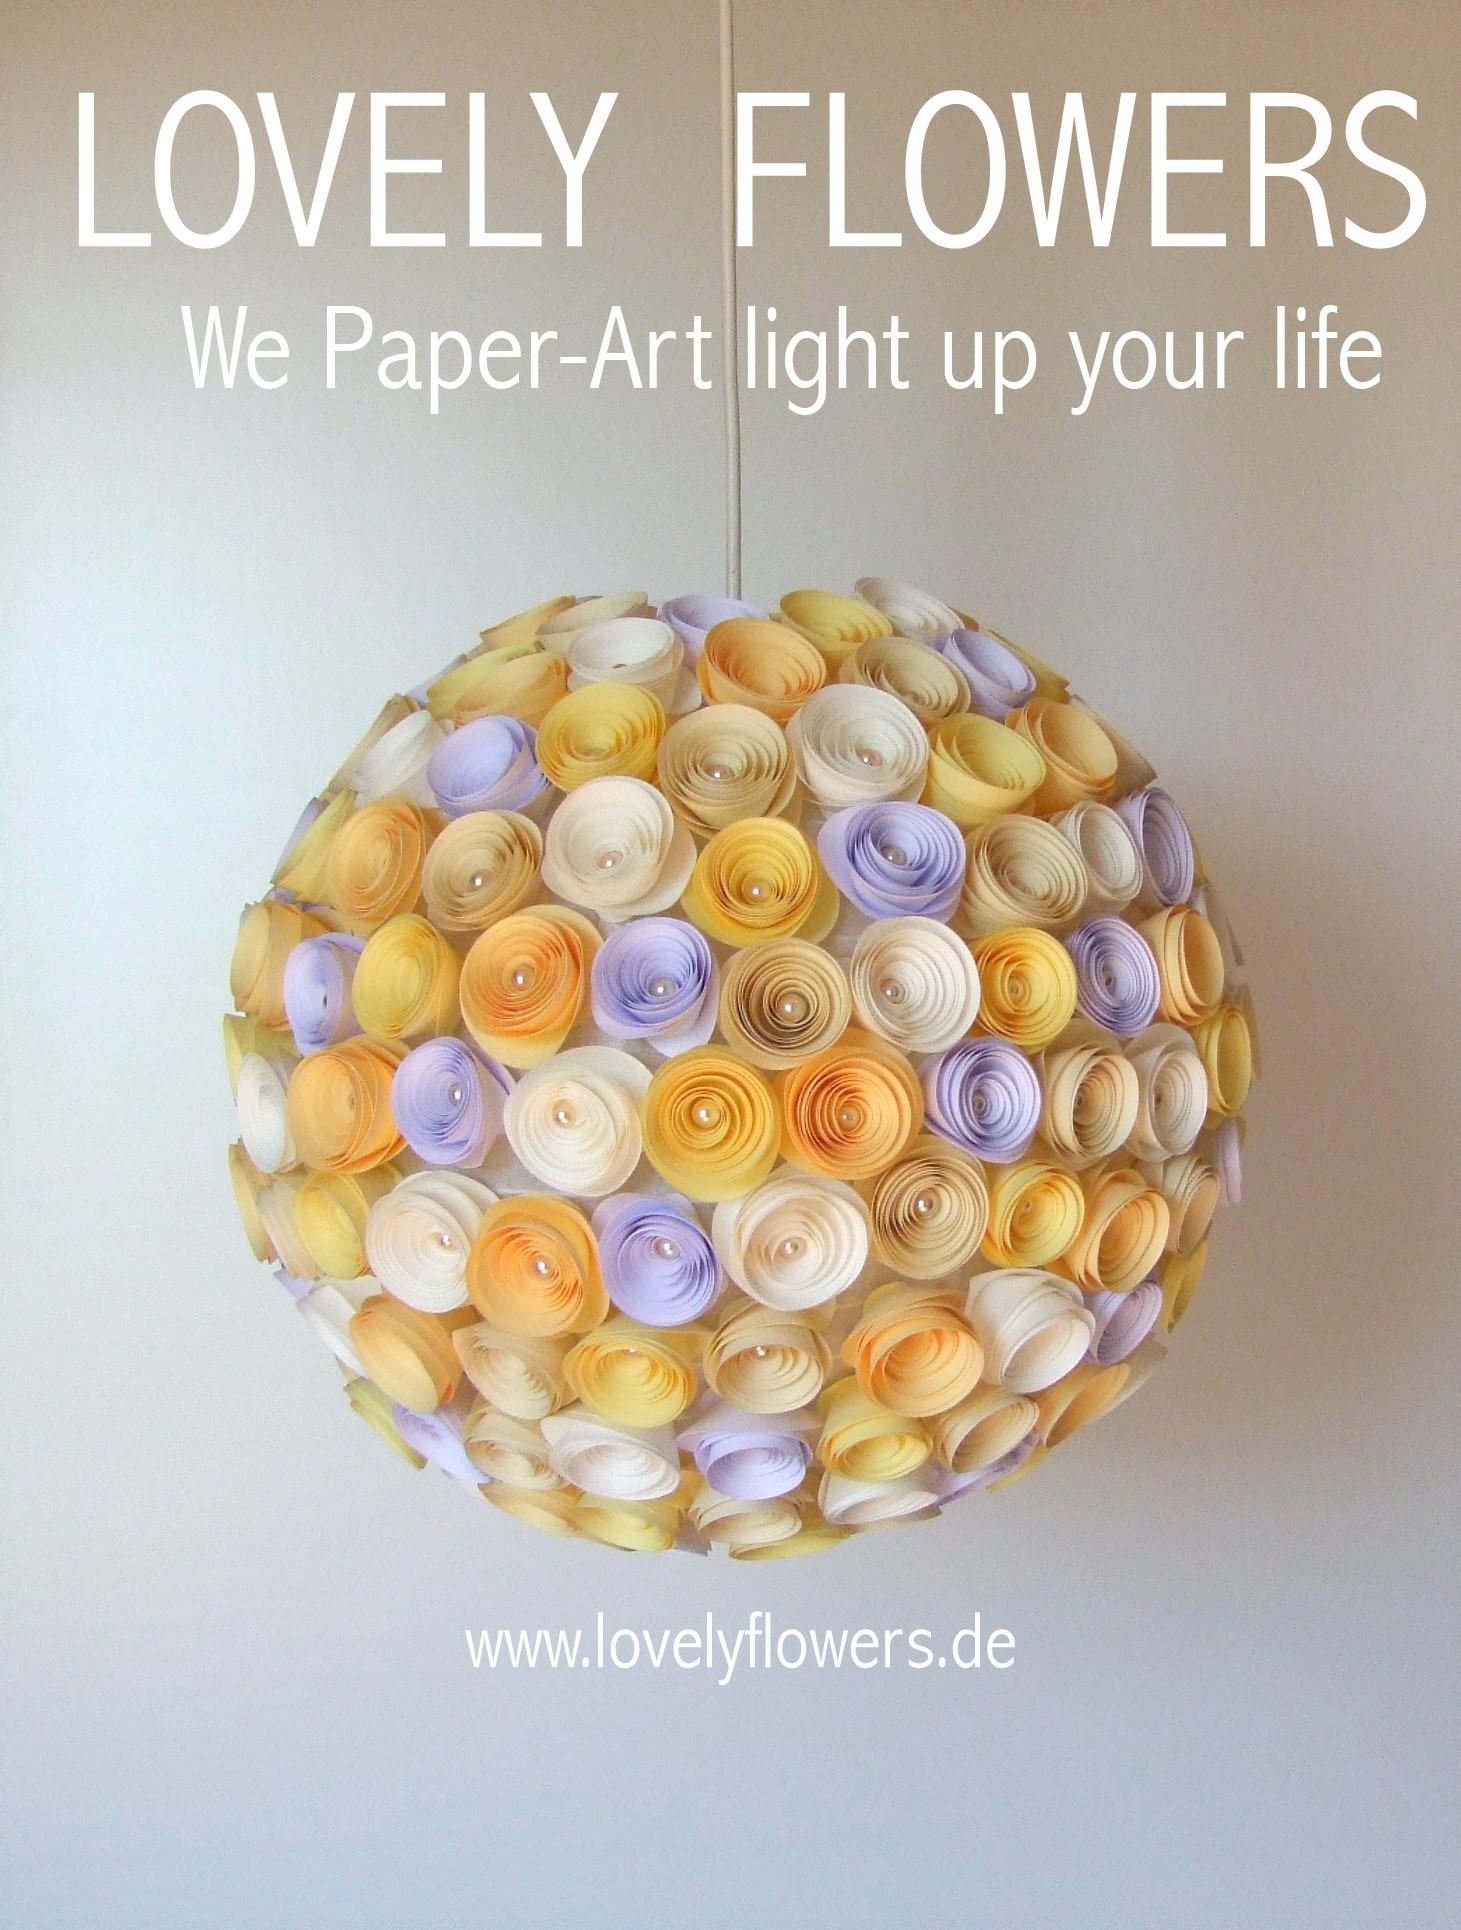 www.lovelyflowers.de - Paper Art Lampen gibts auch als Pendelleuchten und Hängelampen!